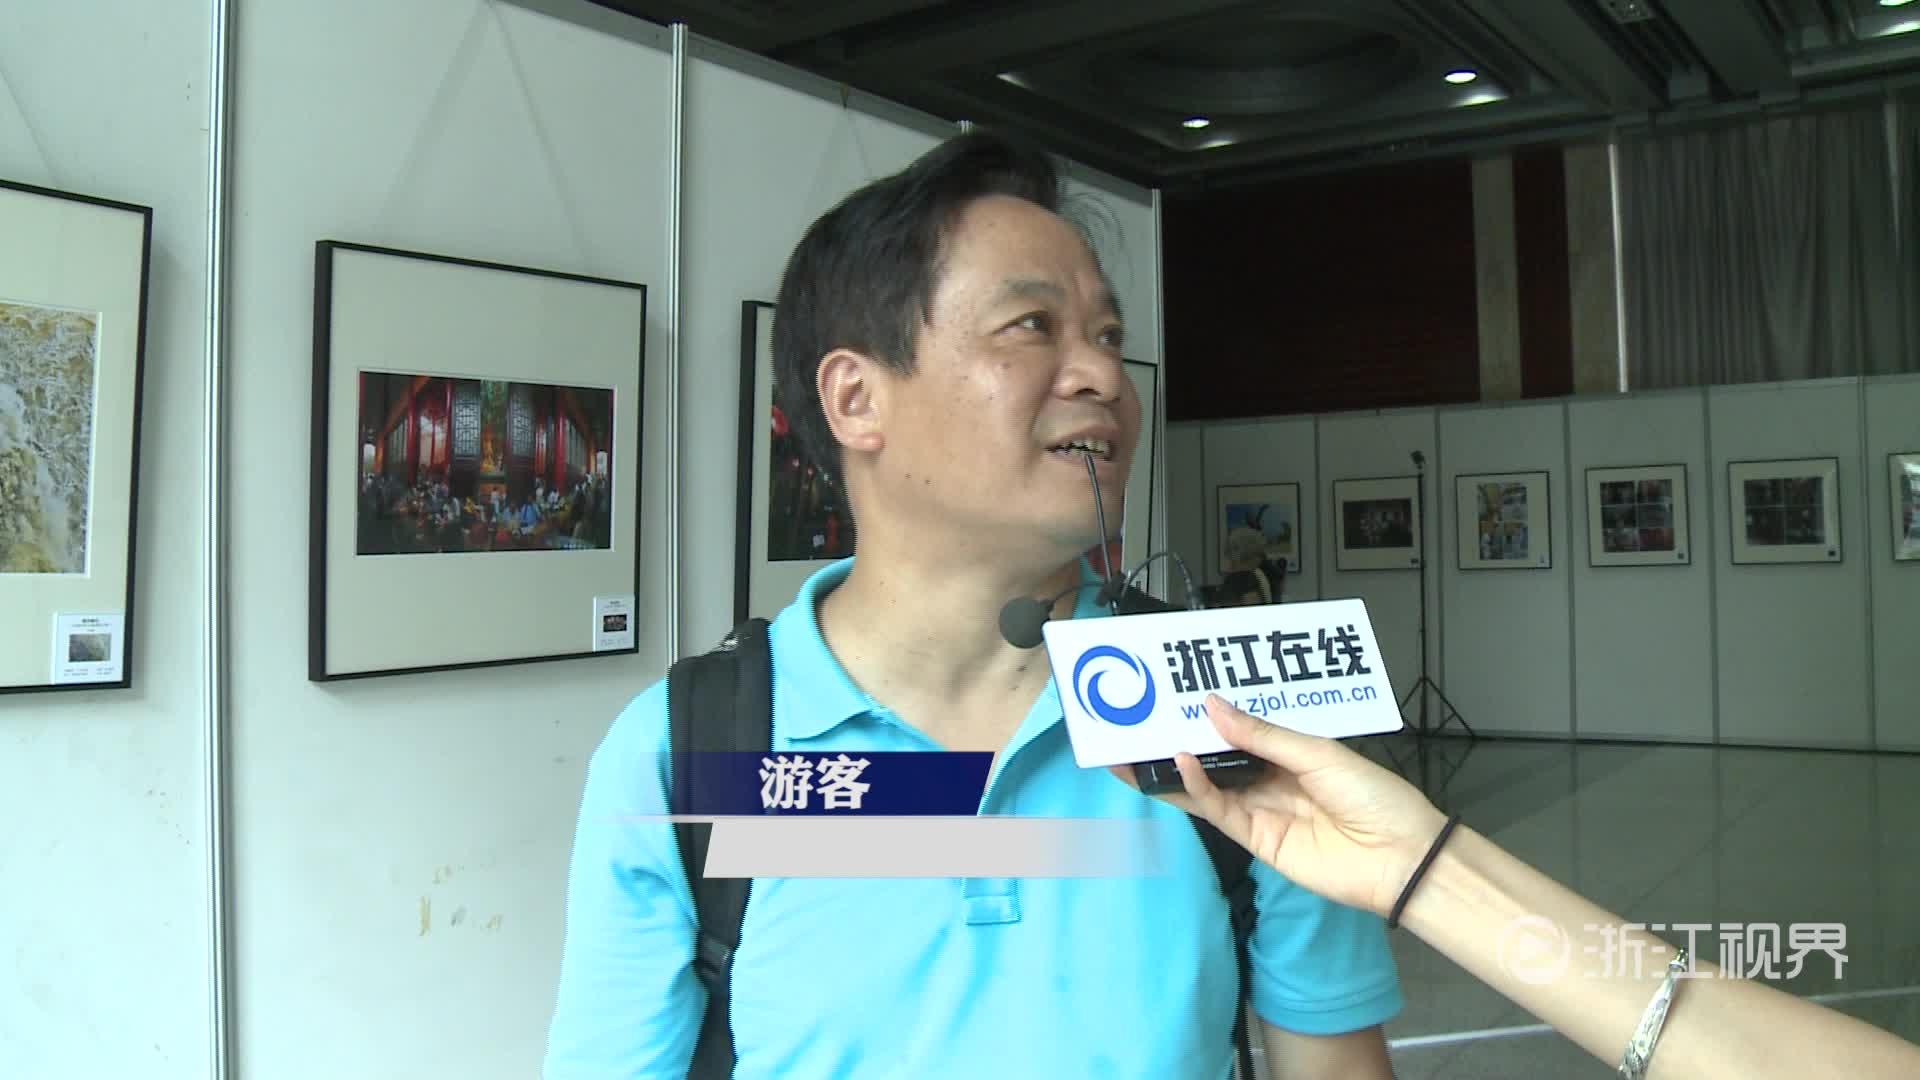 弘扬工匠精神 杭州举办首届非遗摄影展